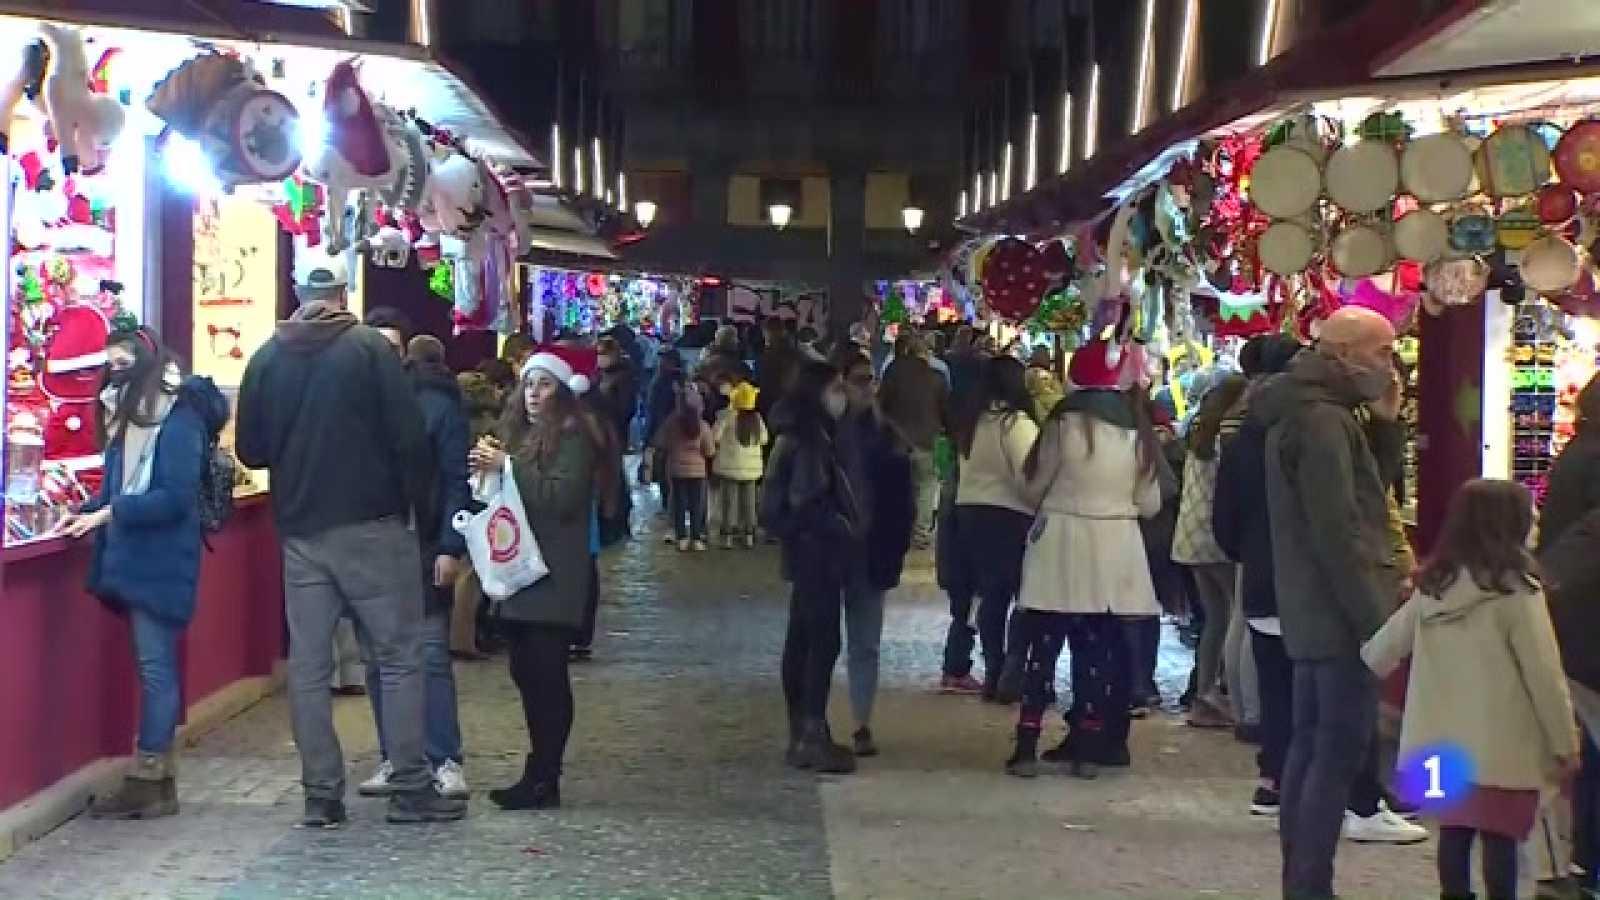 Paseamos por distintos puntos de España para disfrutar de las tradiciones navideñas - Ver ahora